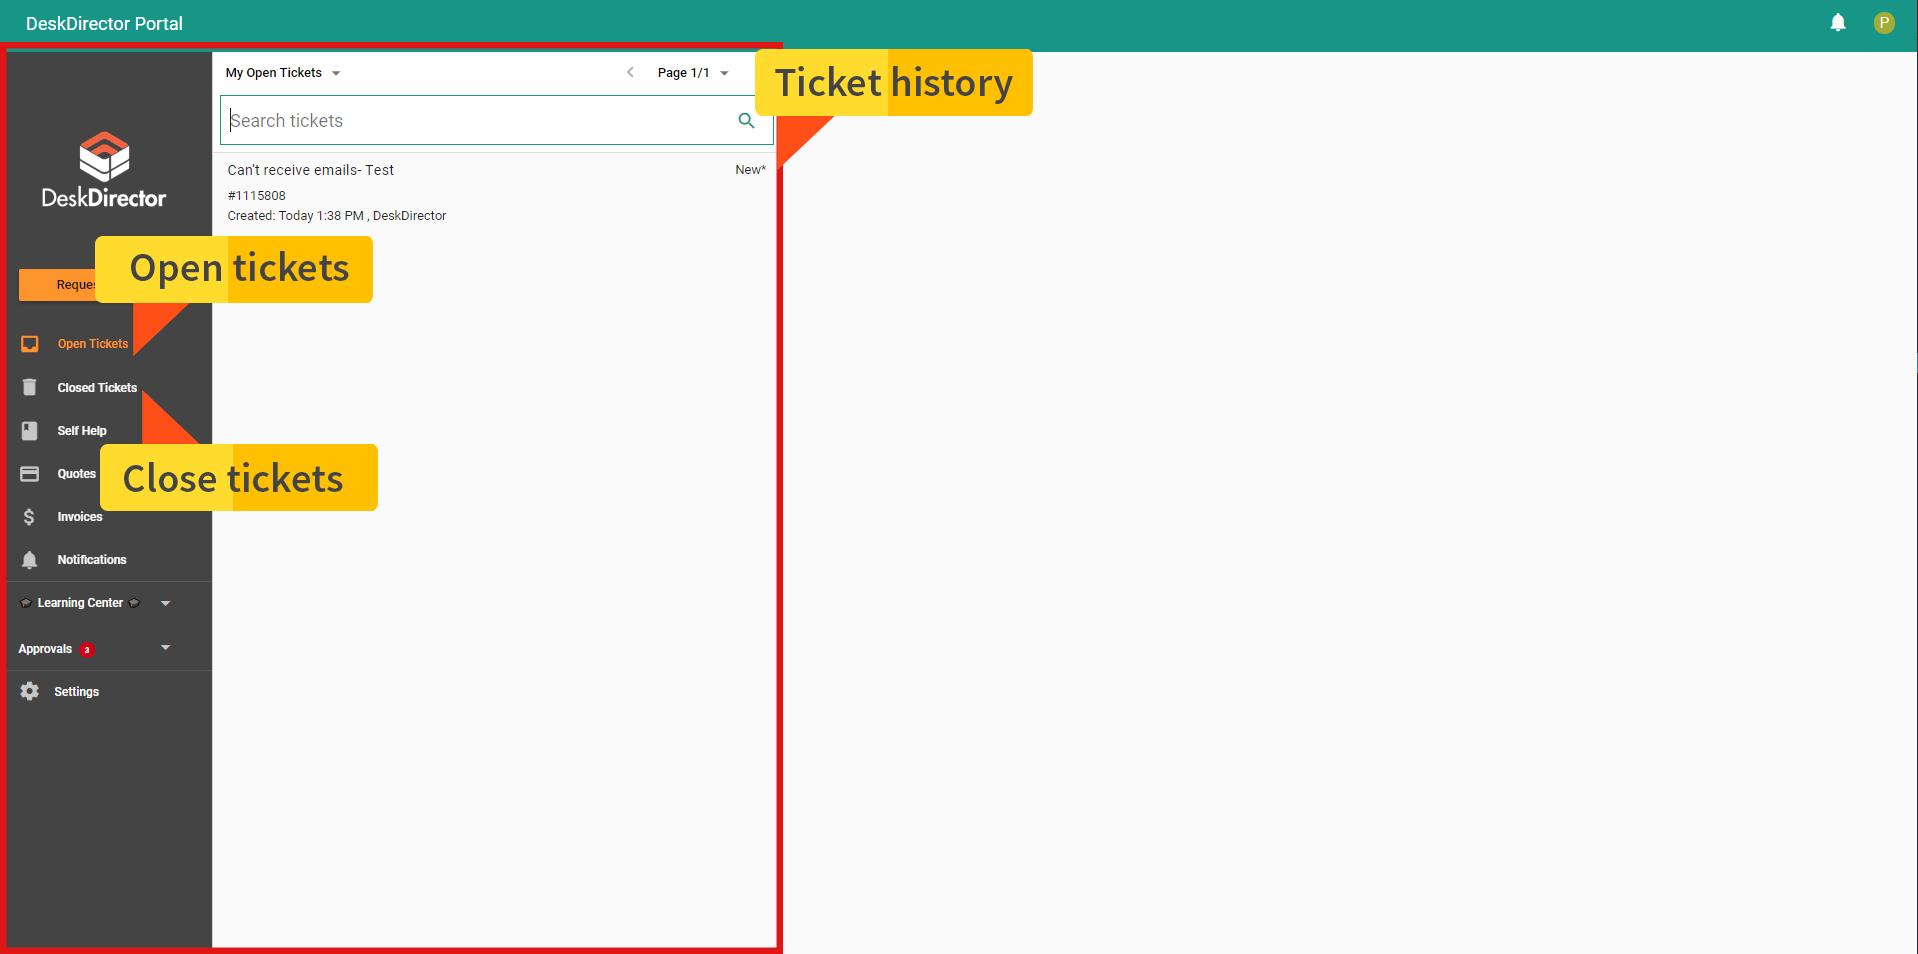 Ticket management - msp client portal